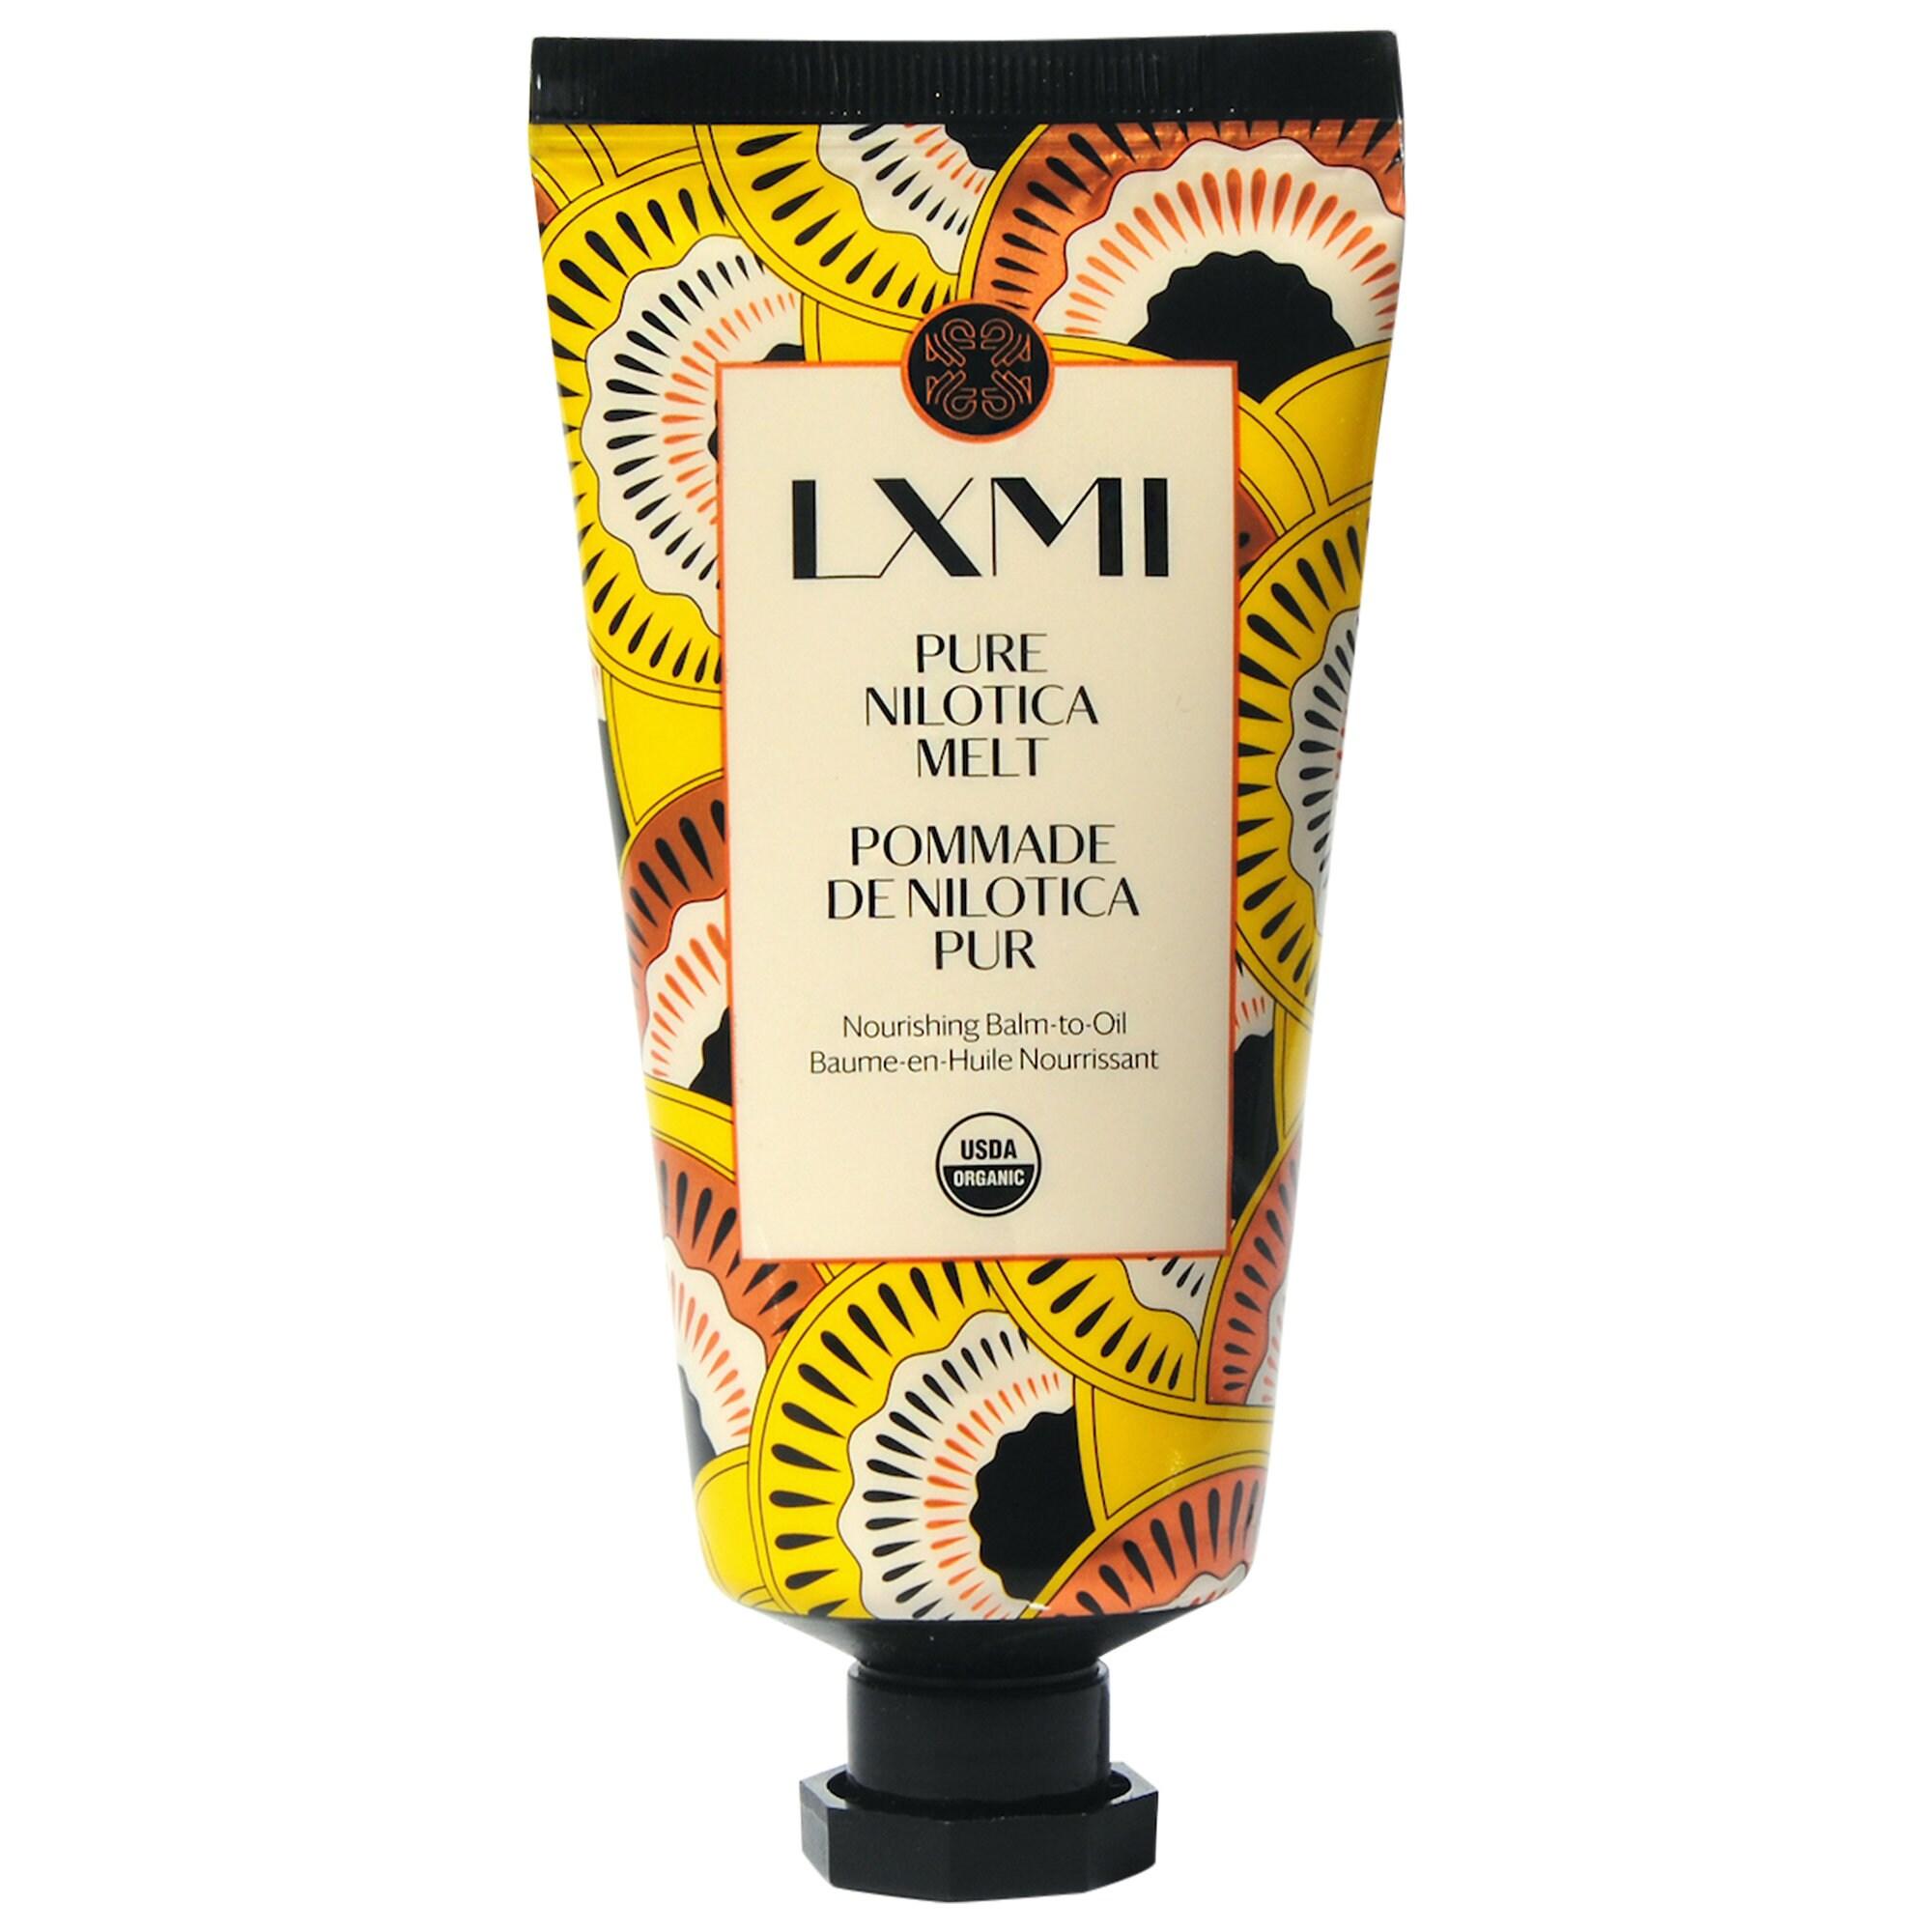 Lxmi - Pure Nilotica Melt Nourishing Balm-to-Oil